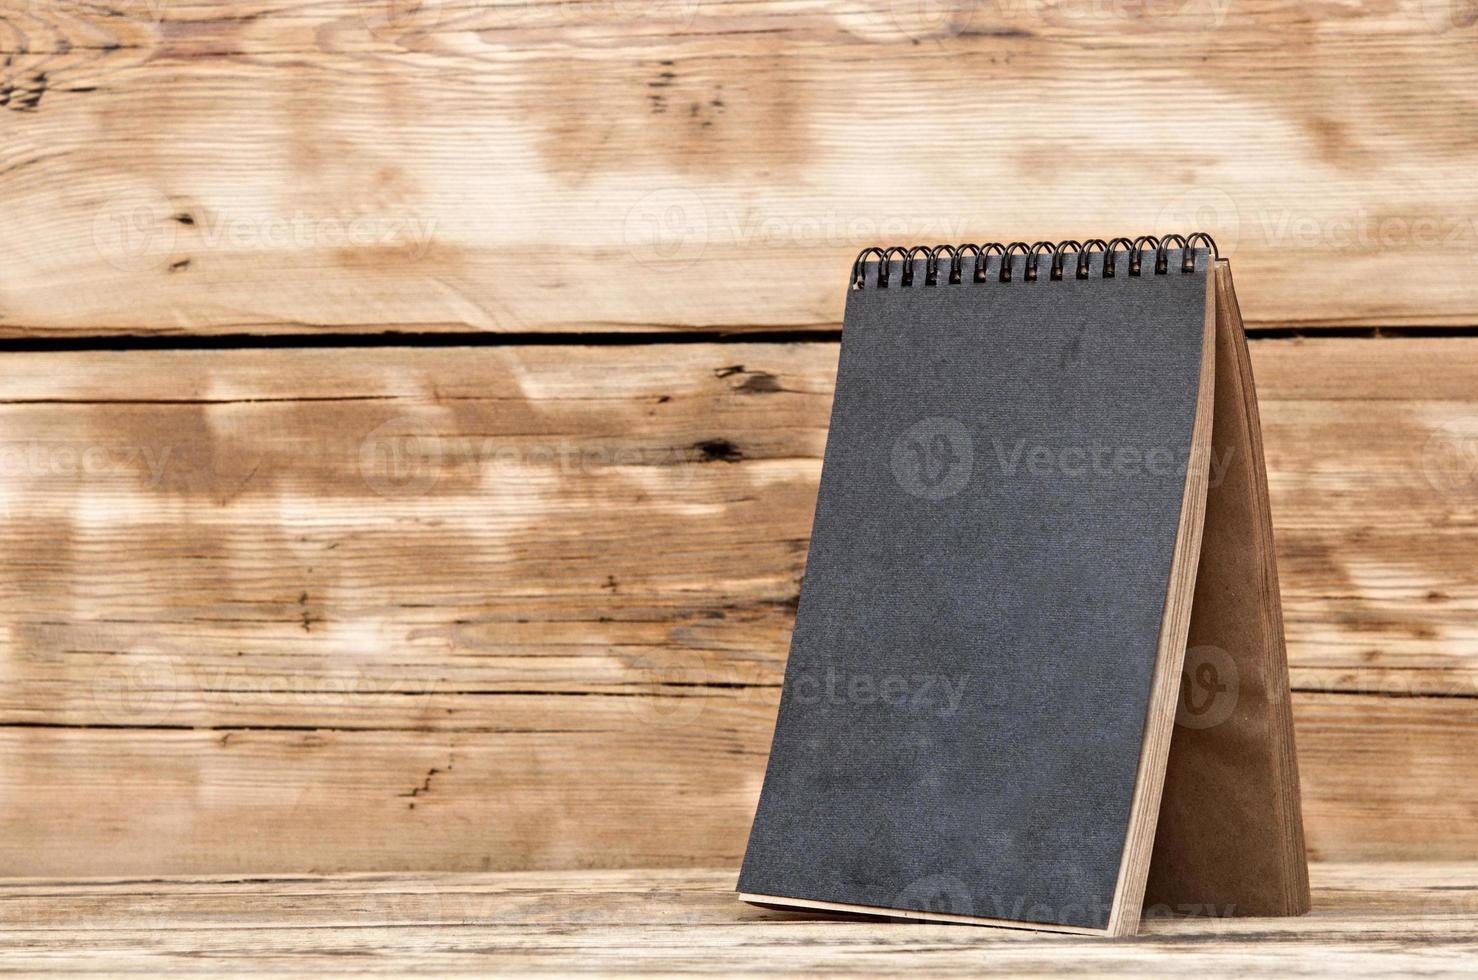 Calendrier de bureau vide unique sur table en bois photo